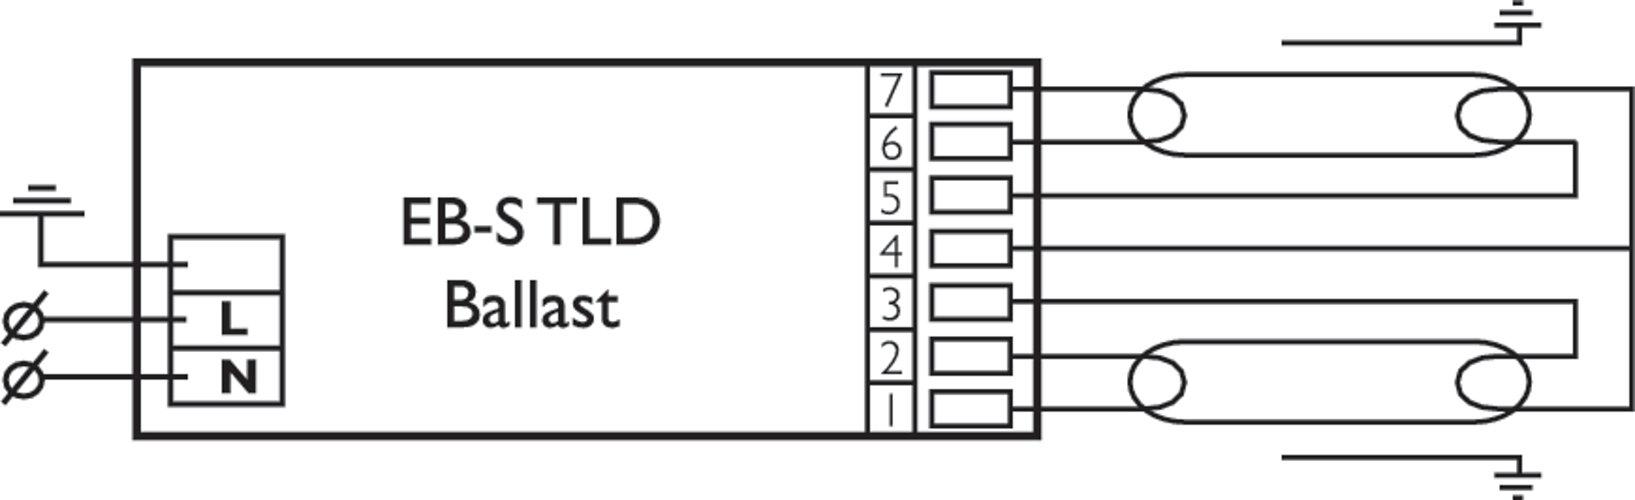 Tolle Papagei Ck3000wiring Diagramm Galerie - Elektrische Schaltplan ...